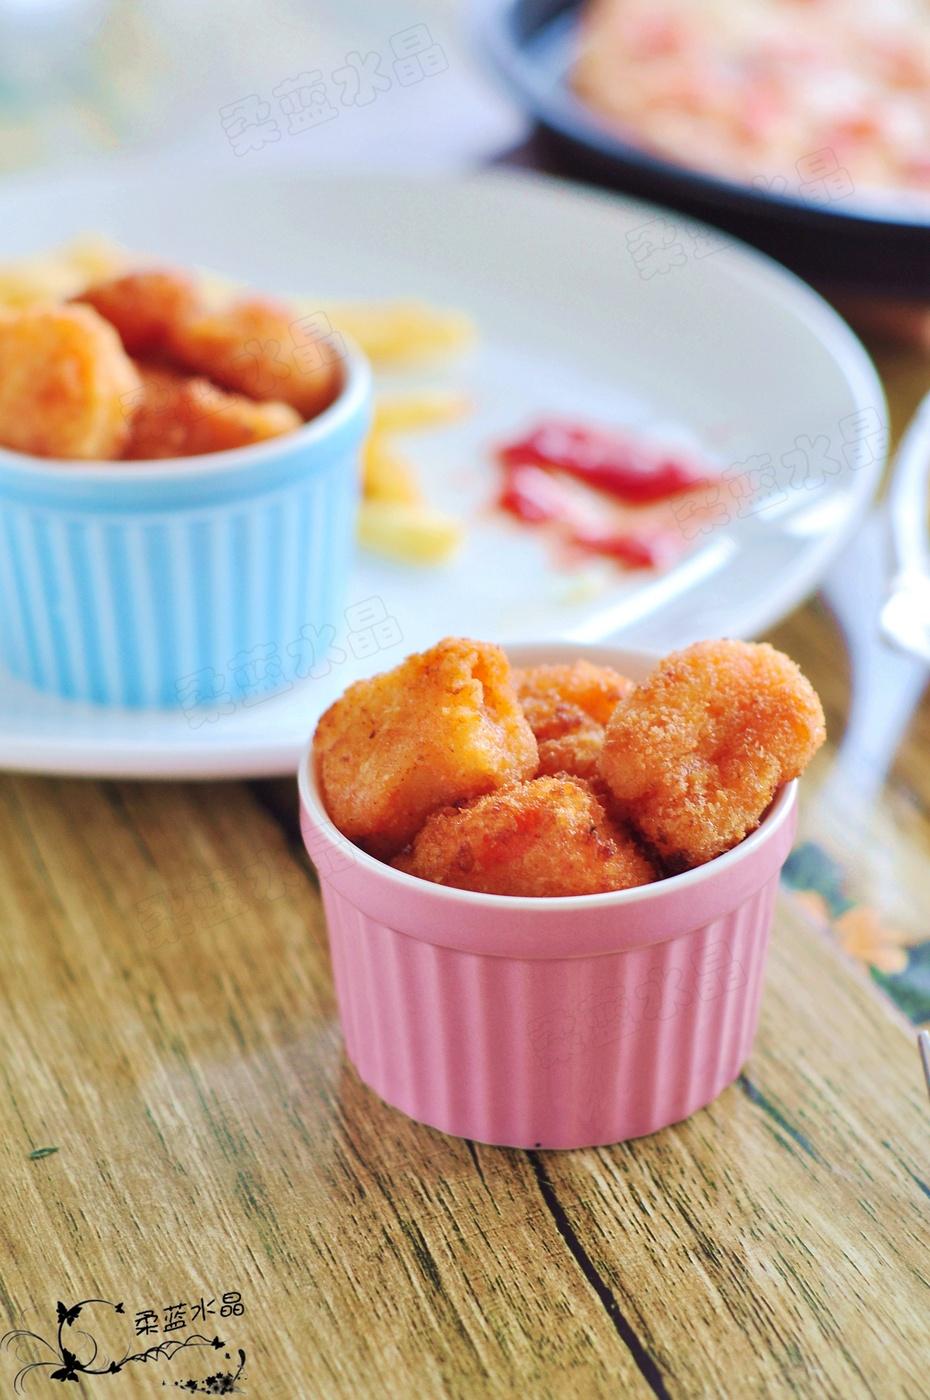 快餐店美味小吃轻松做——新奥尔良龙利鱼块 - 荷塘秀色 - 茶之韵